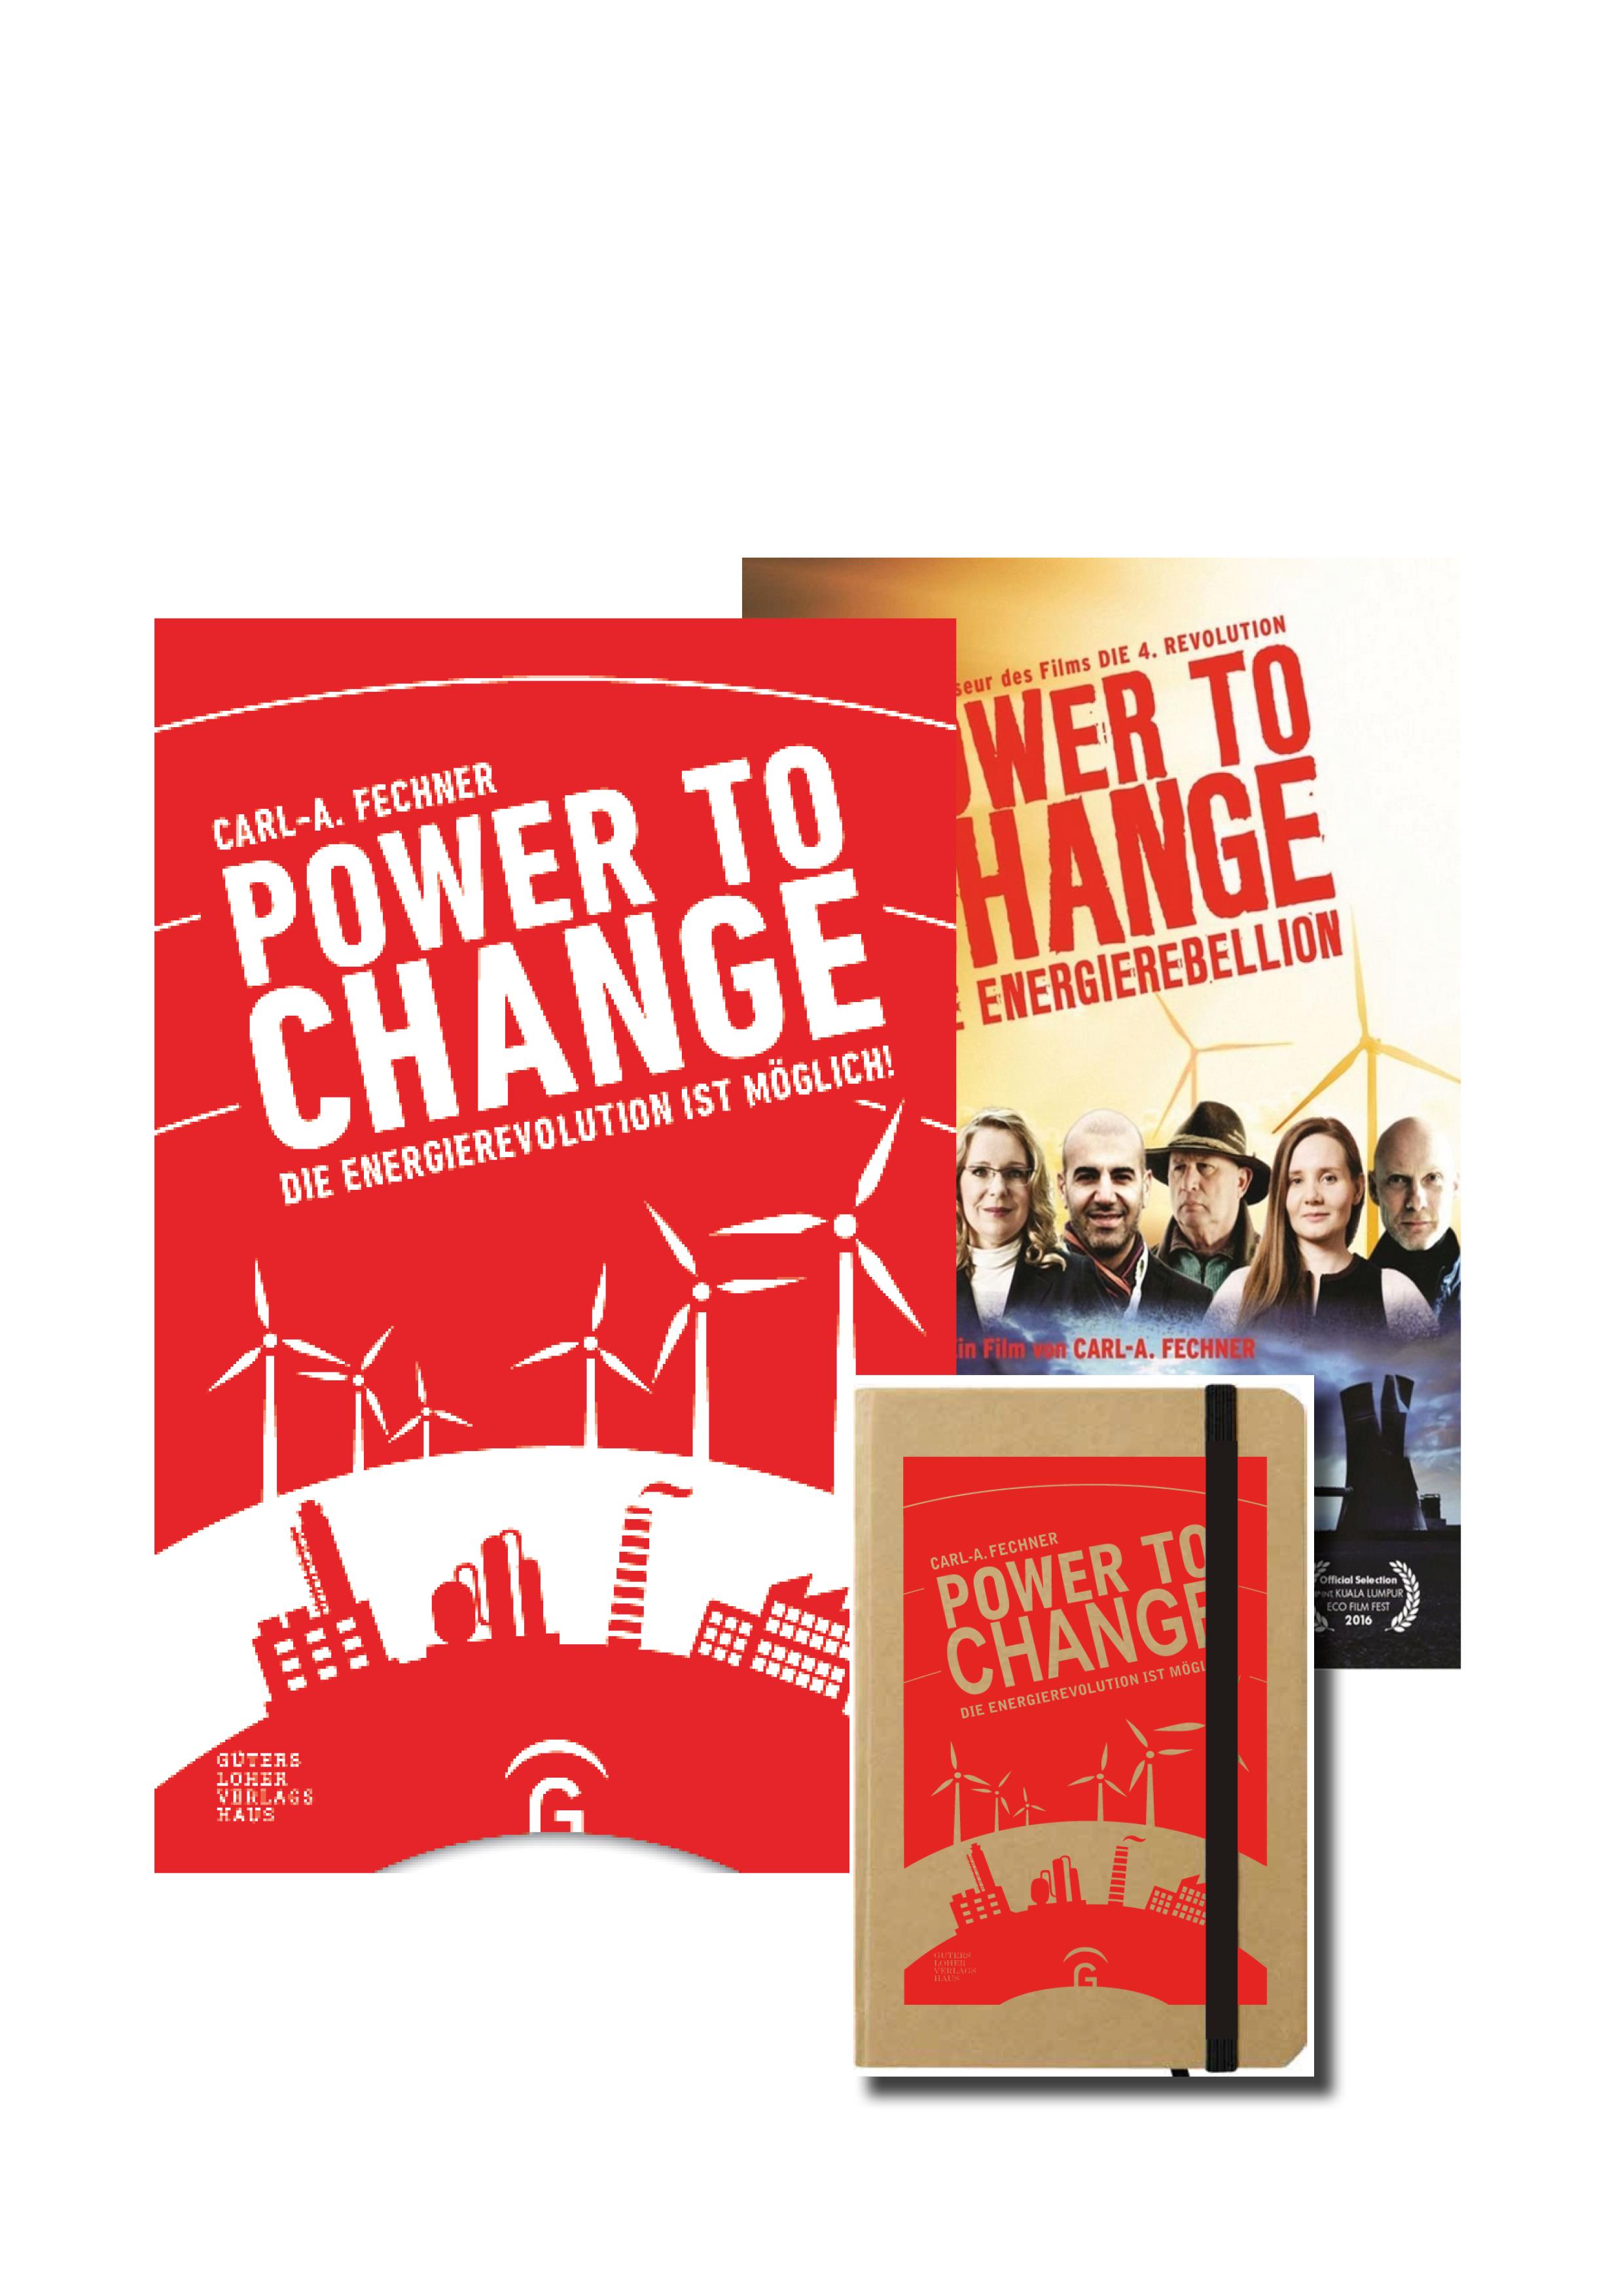 Vom Landwirt zum Energiewirt - Umweltbücher & Umweltfilme